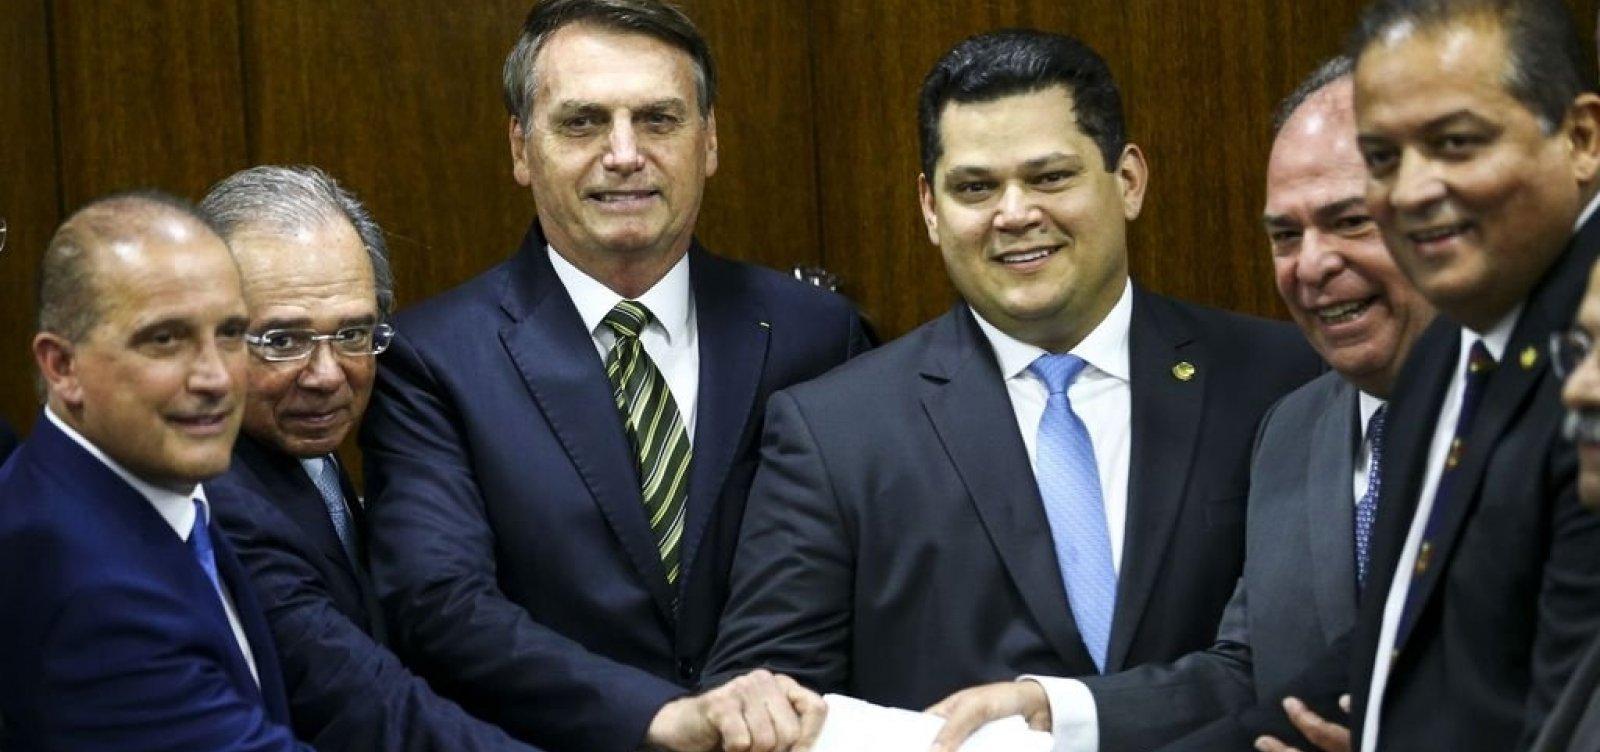 Bolsonaro e Guedes entregam pacote ao Congresso: 'Transformação do Estado'